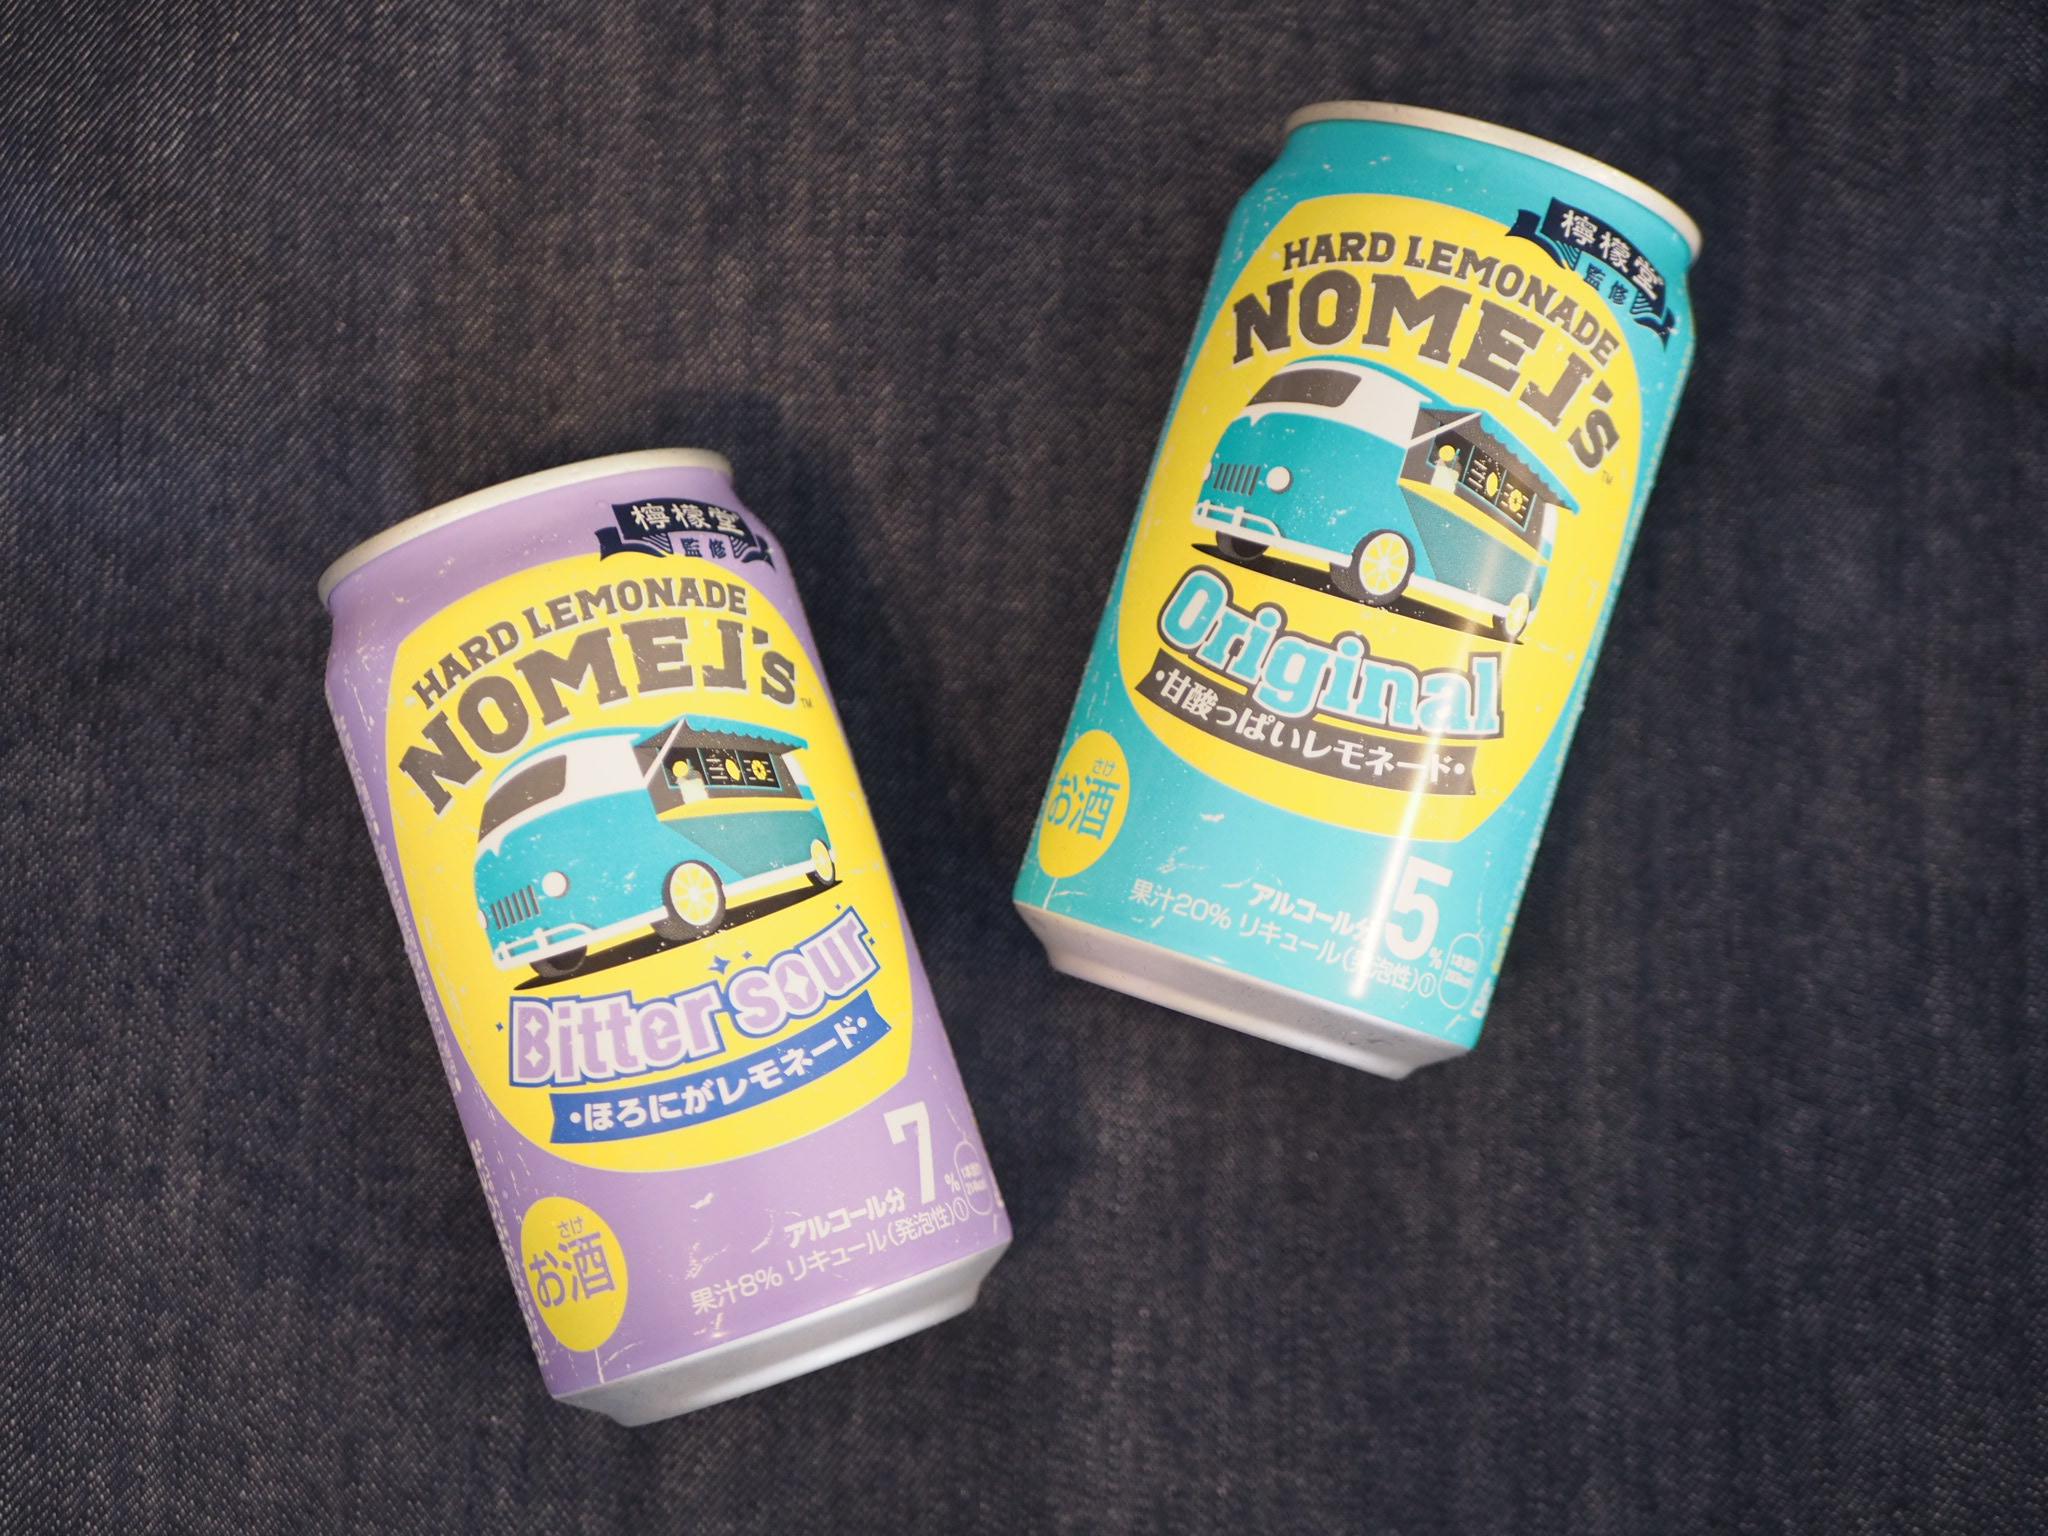 【檸檬堂監修】大注目のレモネードのお酒「ノメルズ ハードレモネード」を飲んでみました★_6